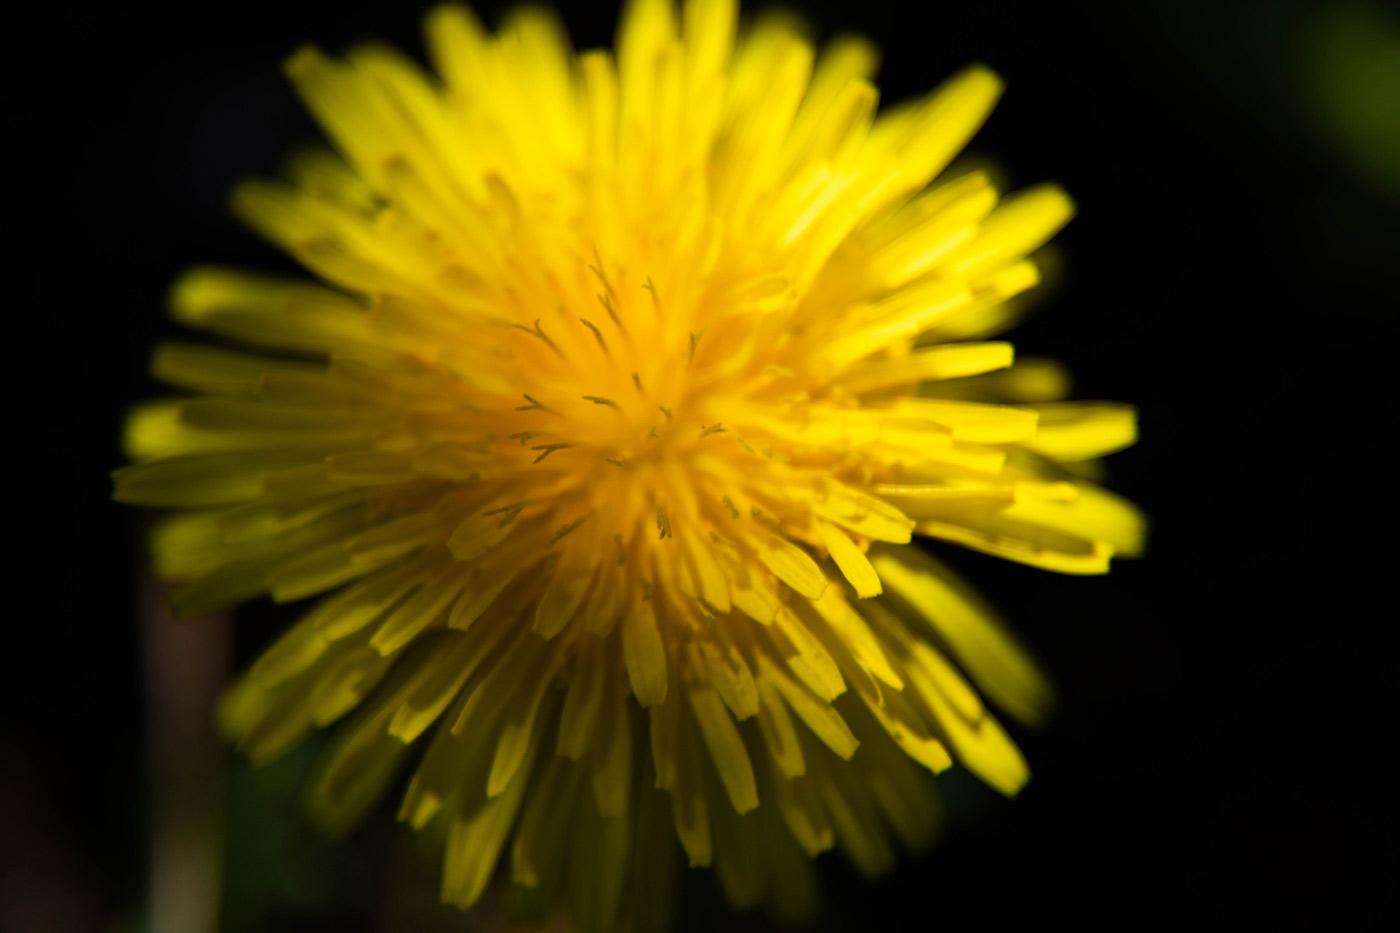 flor amarilla diente de leon